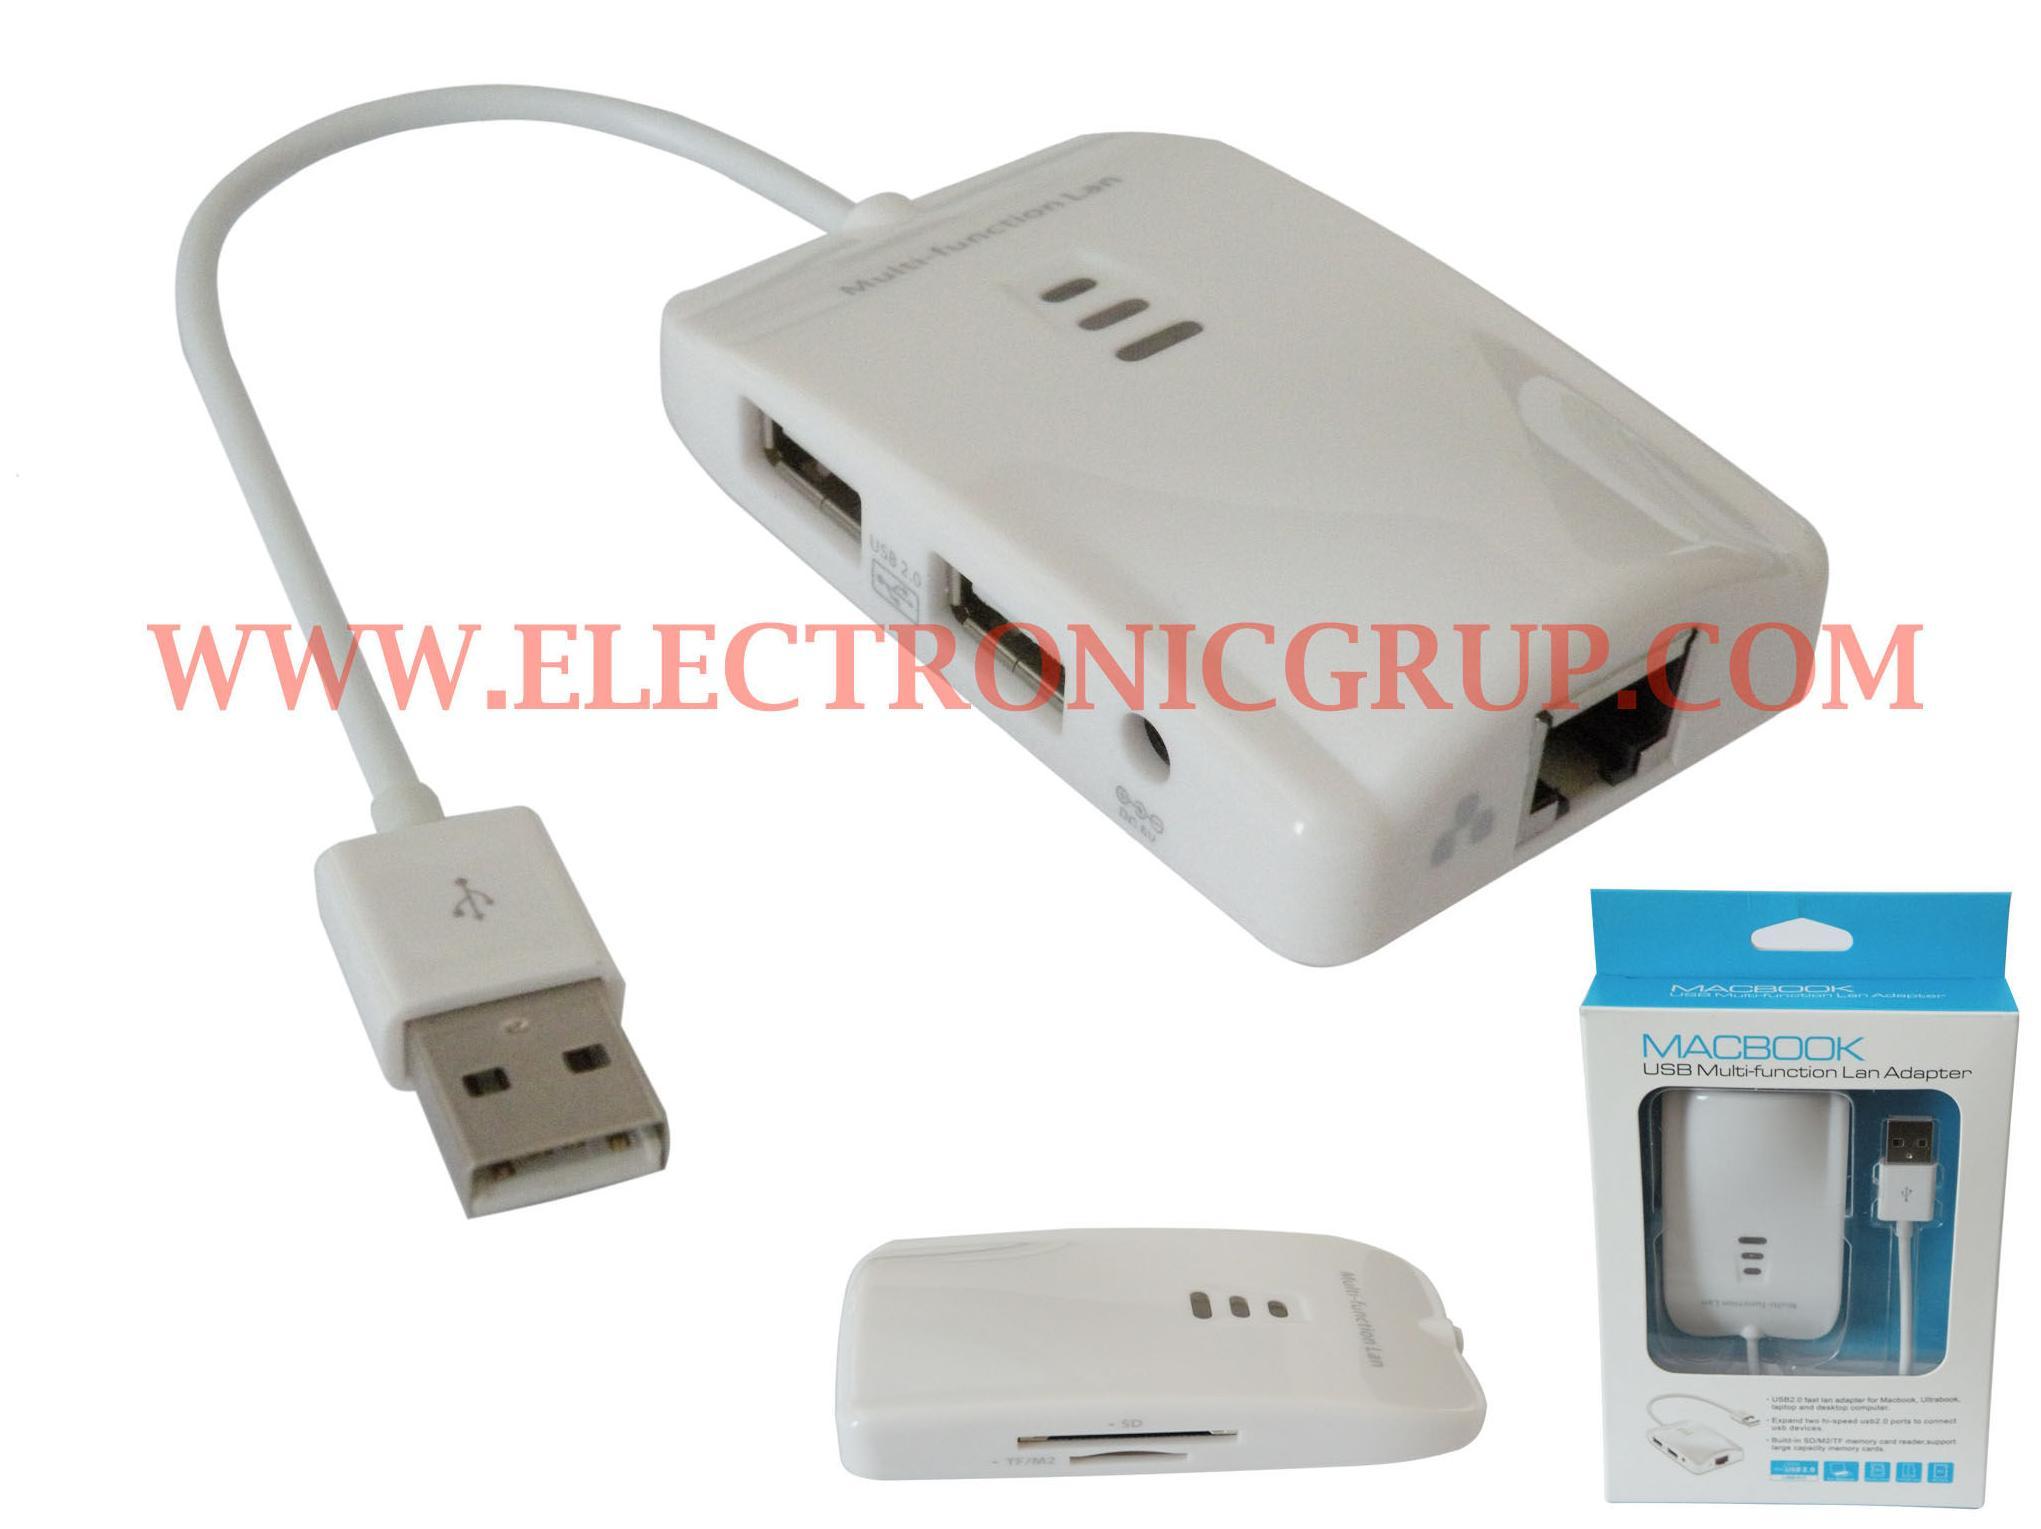 0837 - USB 2.0 a RJ45 + USB 2.0 + Tarjetas: Catálogo de Electronic Grup